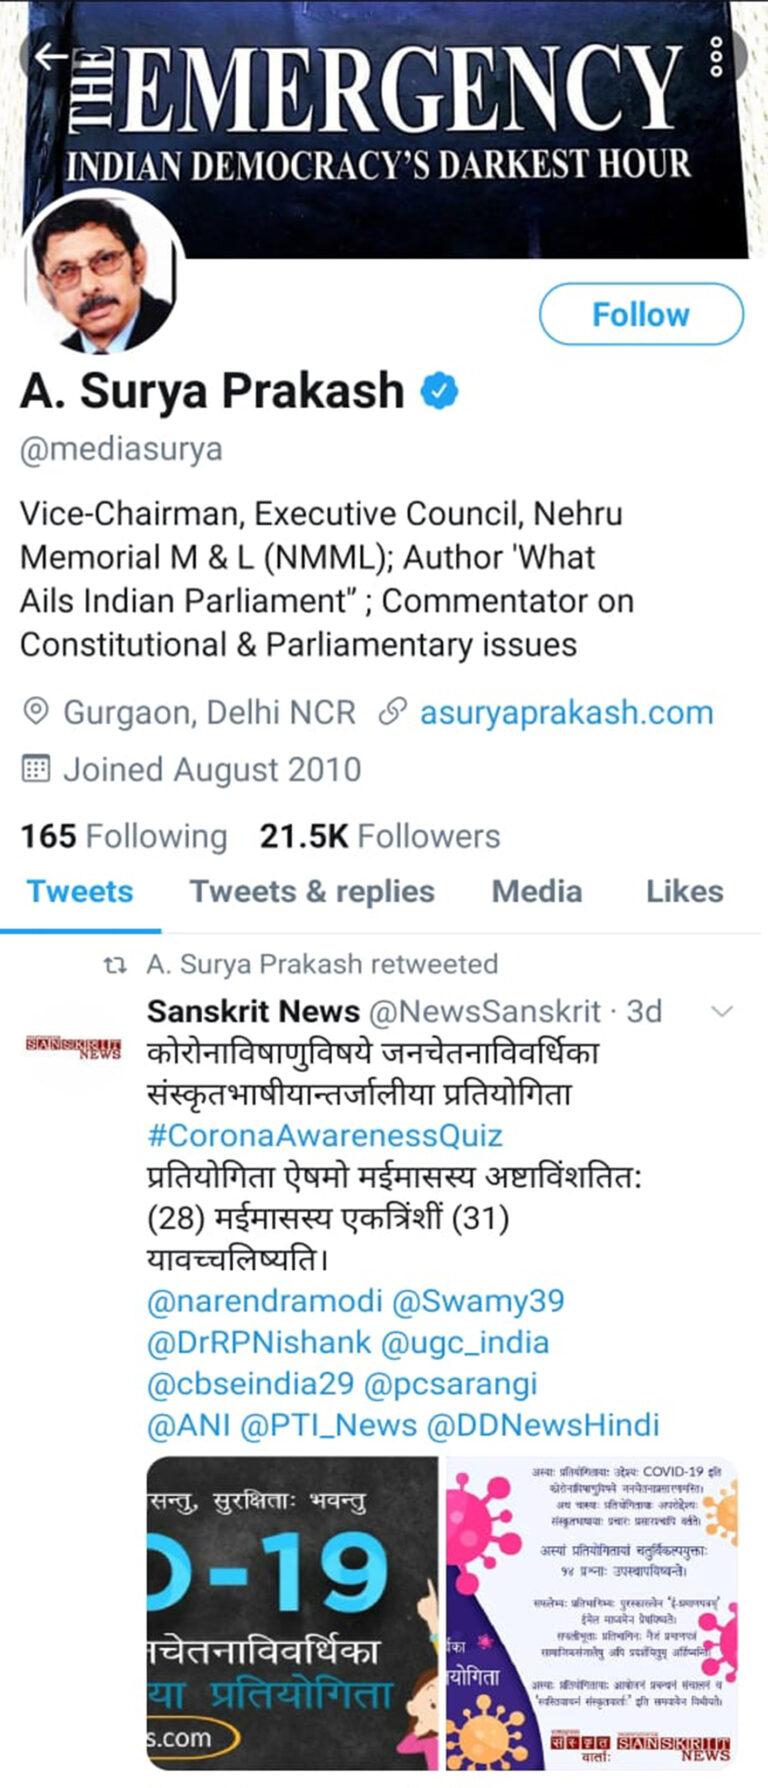 Surya Prakash Tweet